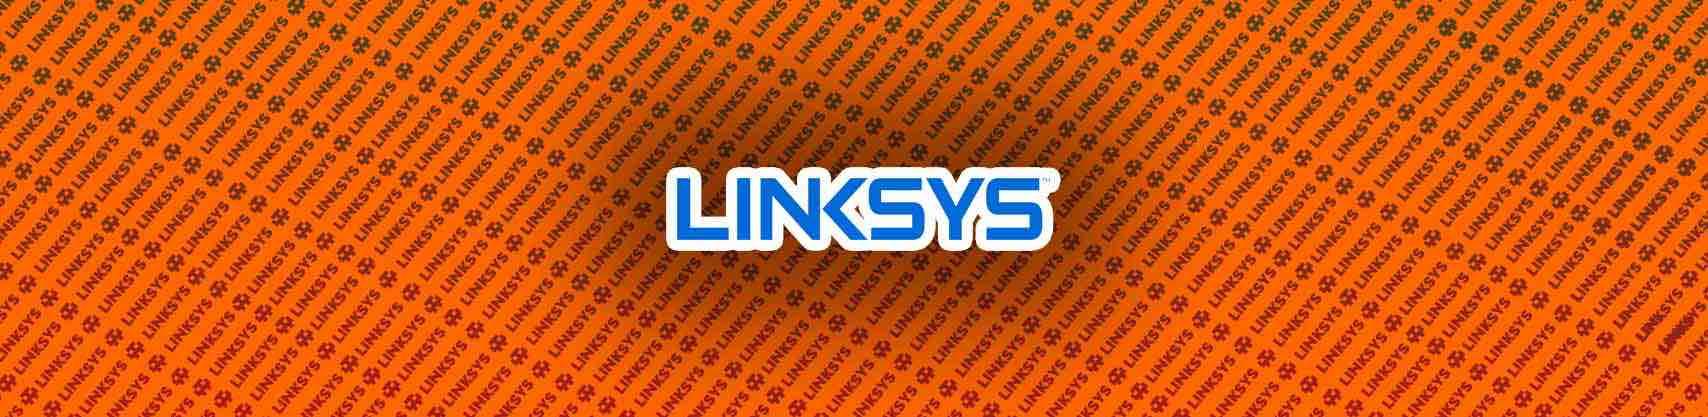 Linksys AC1750 Manual